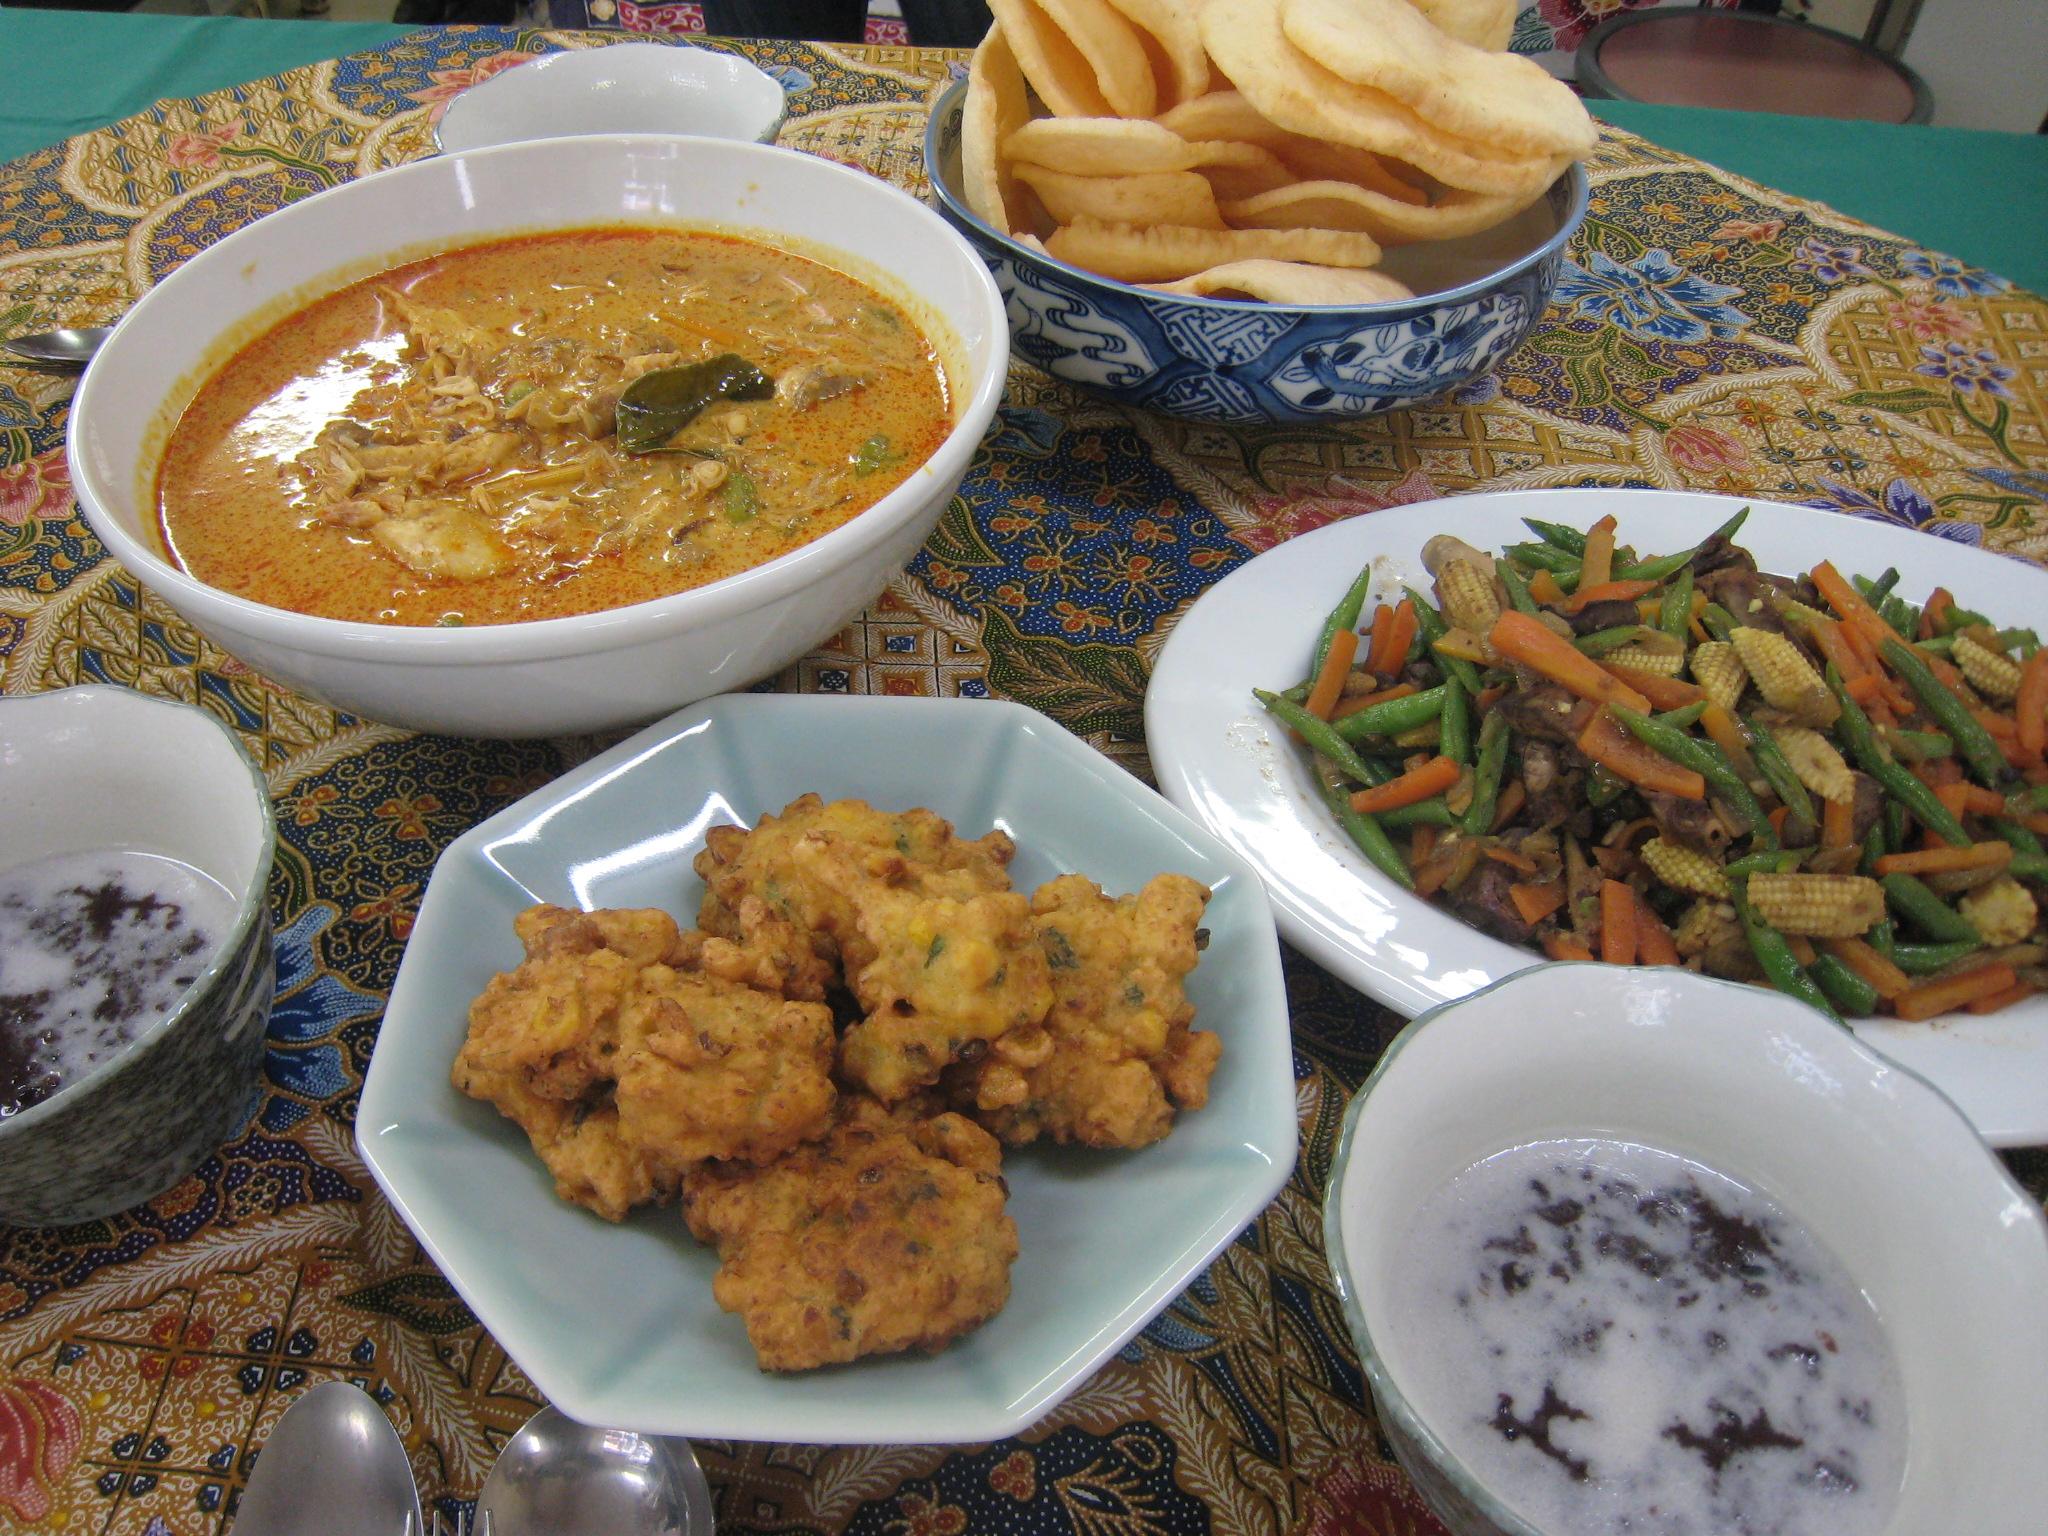 バリ島の料理教室: バリ島の 10 件の料理教室を …